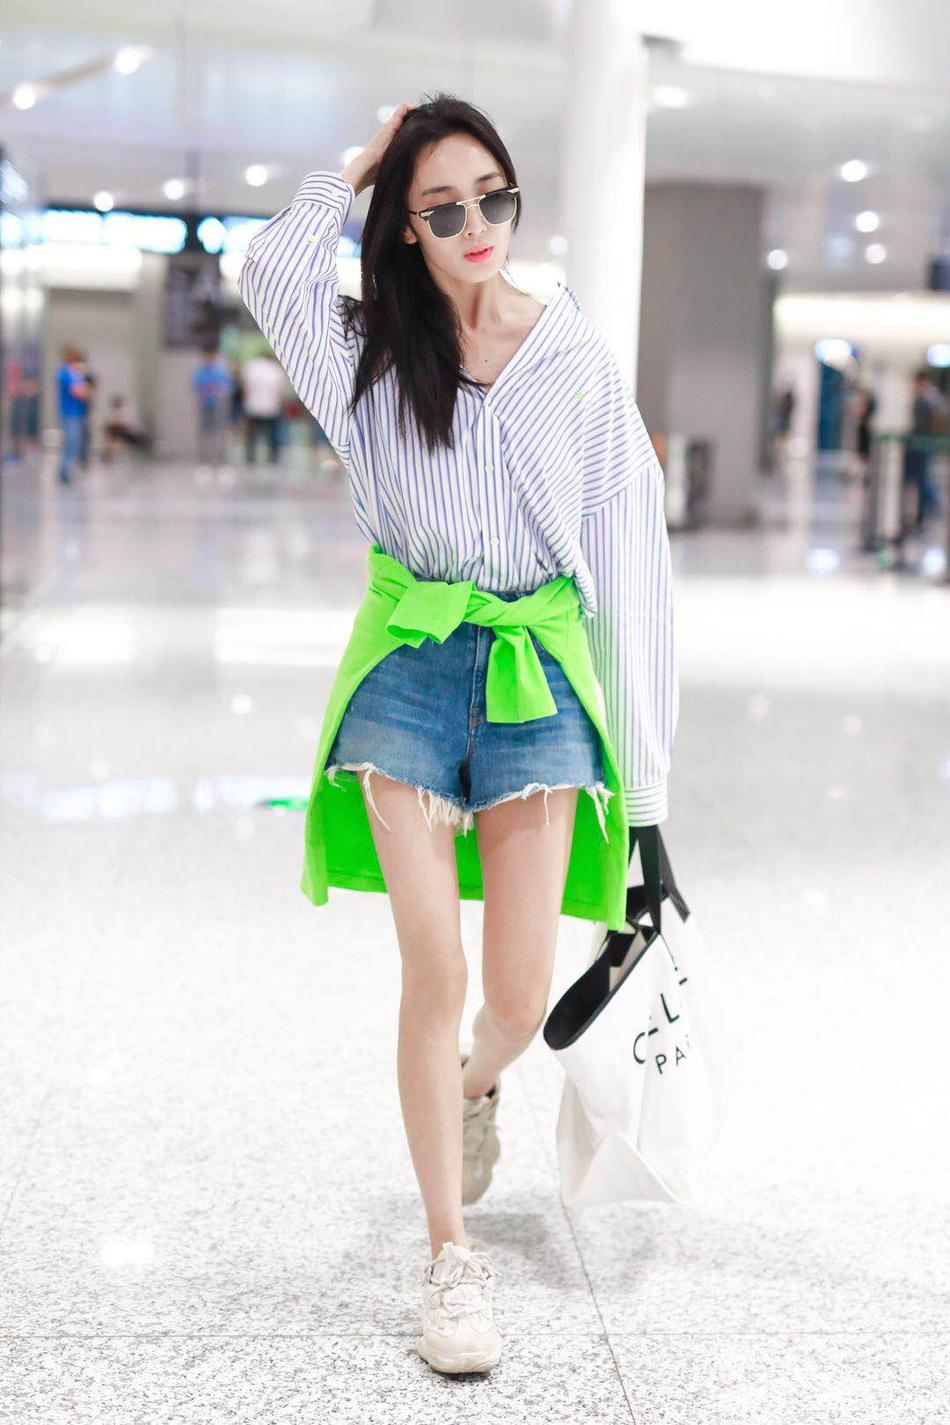 王紫璇街拍上演腿玩年 撩发帅气出街时髦不费力